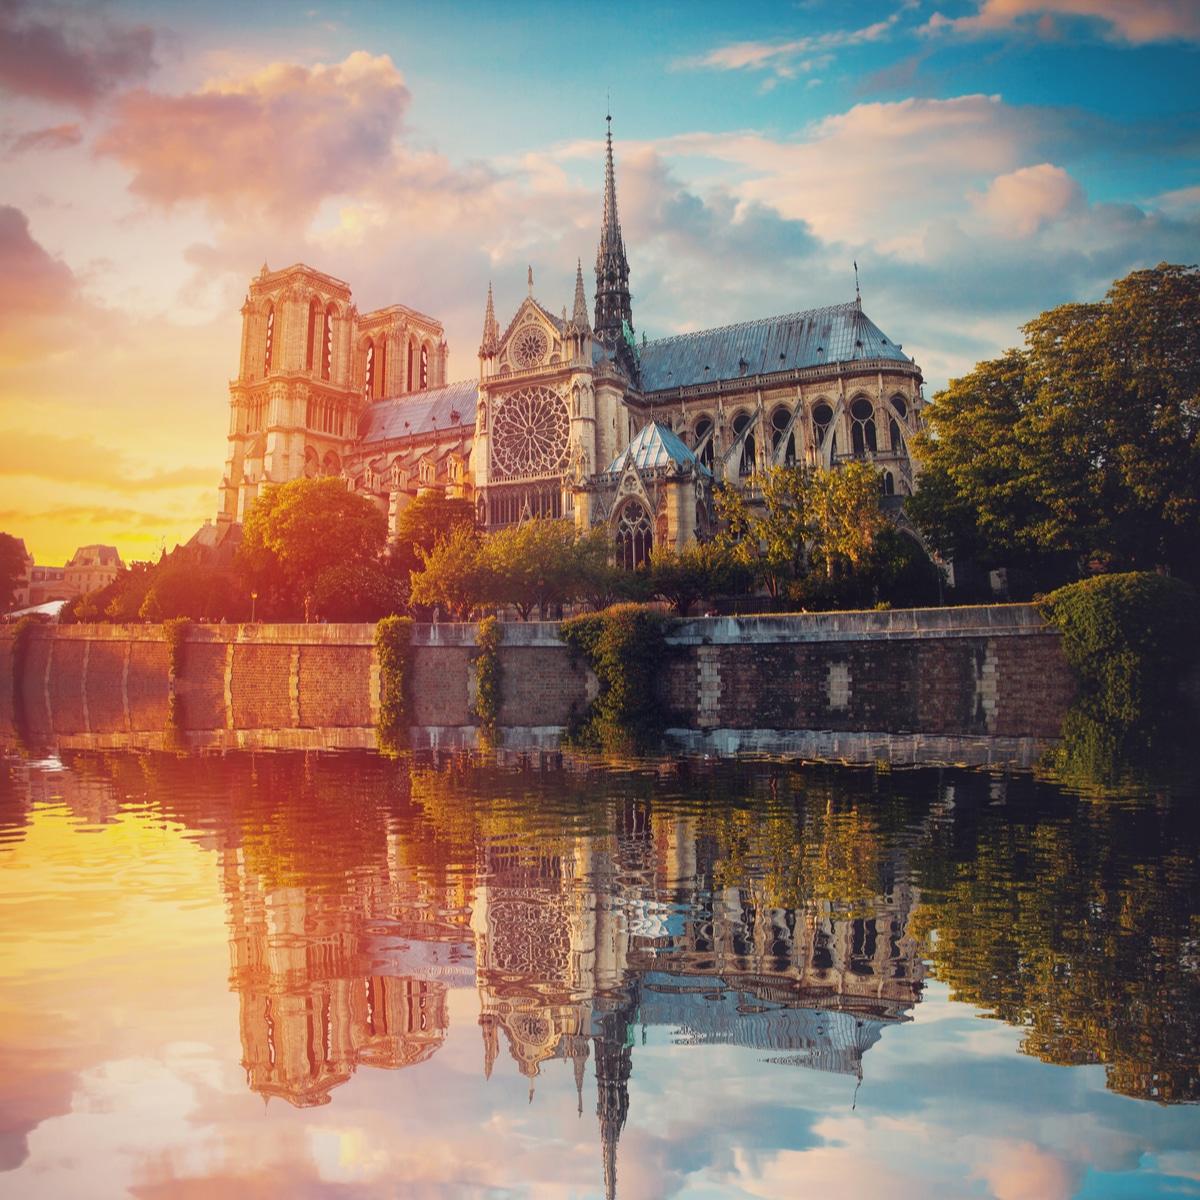 Notre Dame de Paris renovation